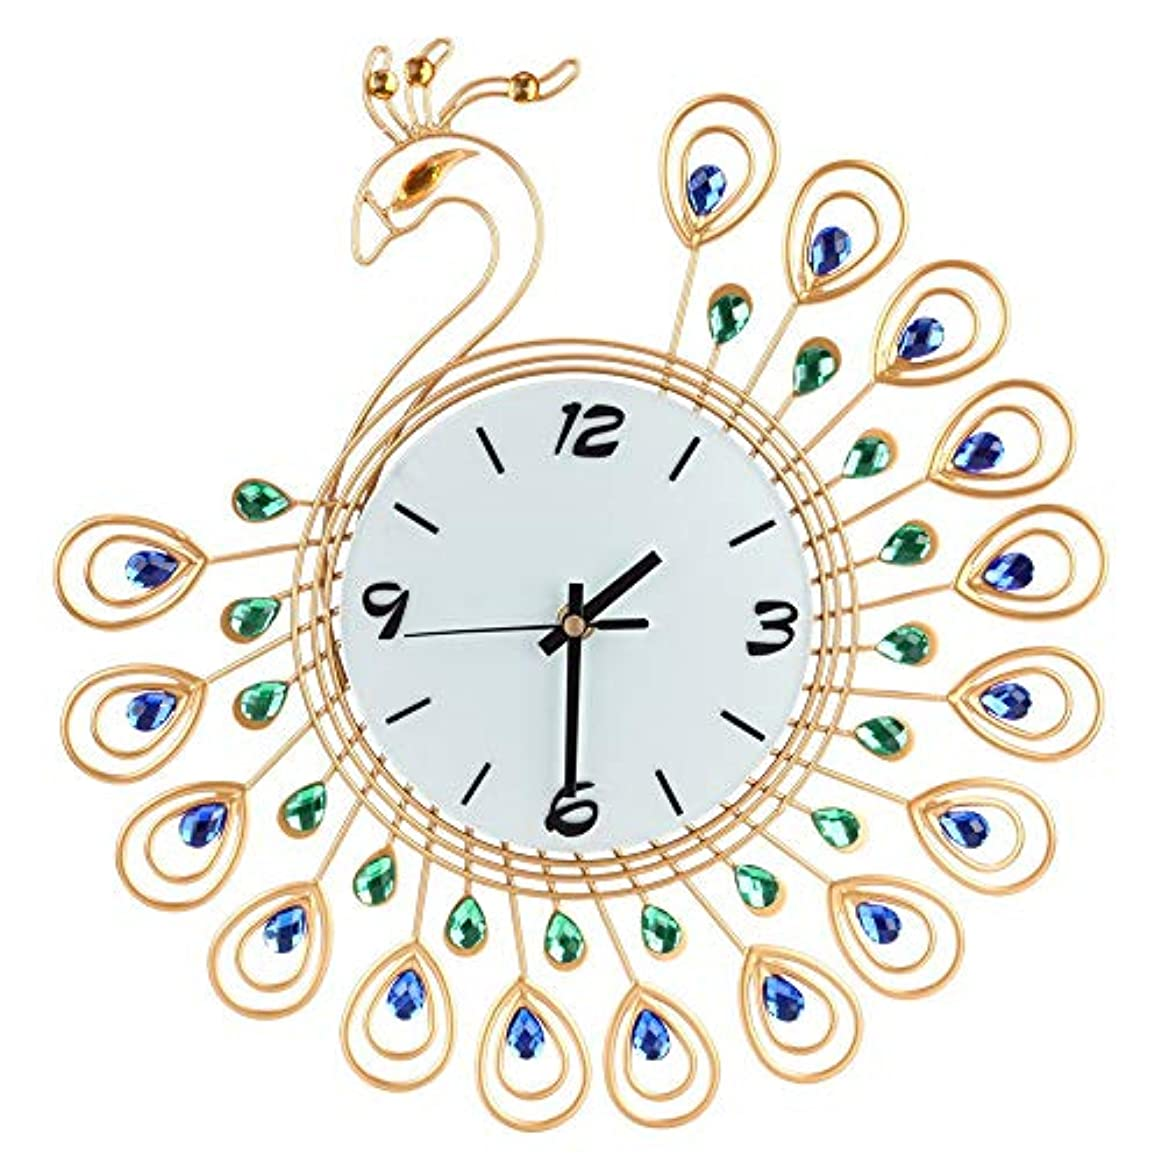 病気仕様ライトニングルームオフィスのための壁時計の金属のラインストーンの家の装飾の孔雀の時計 (ゴールド)